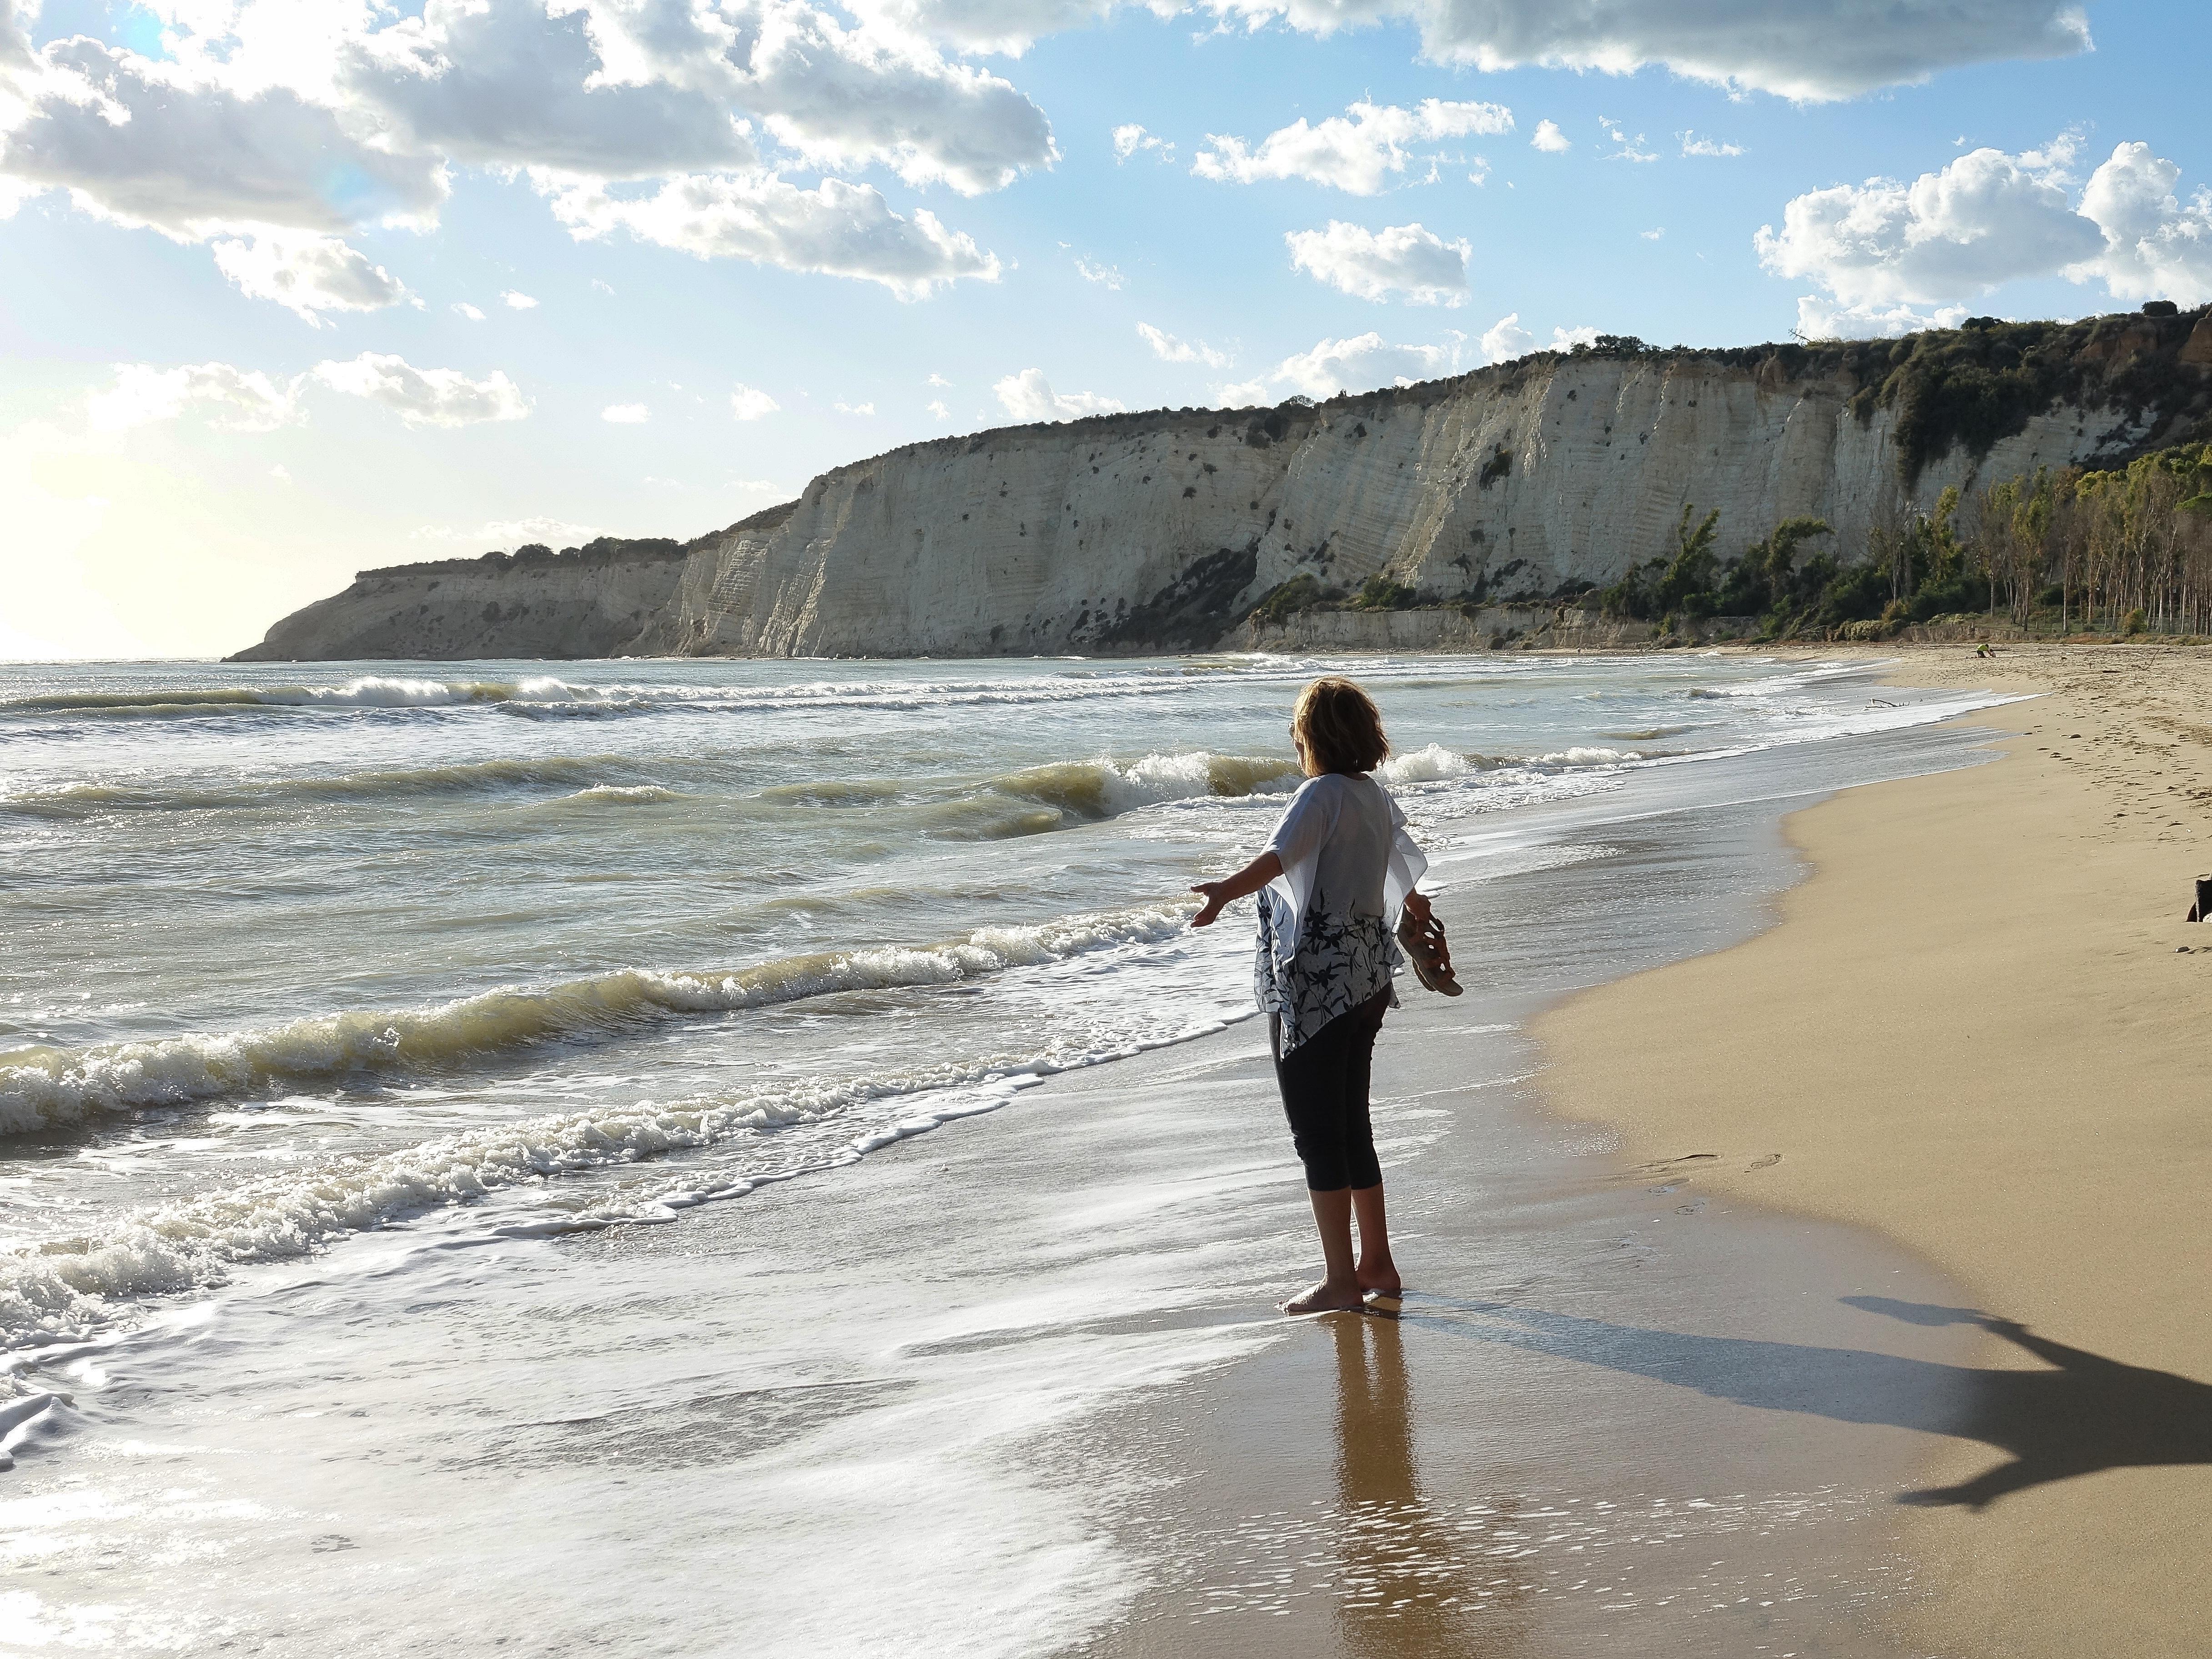 Eraclea Minoa beach scene